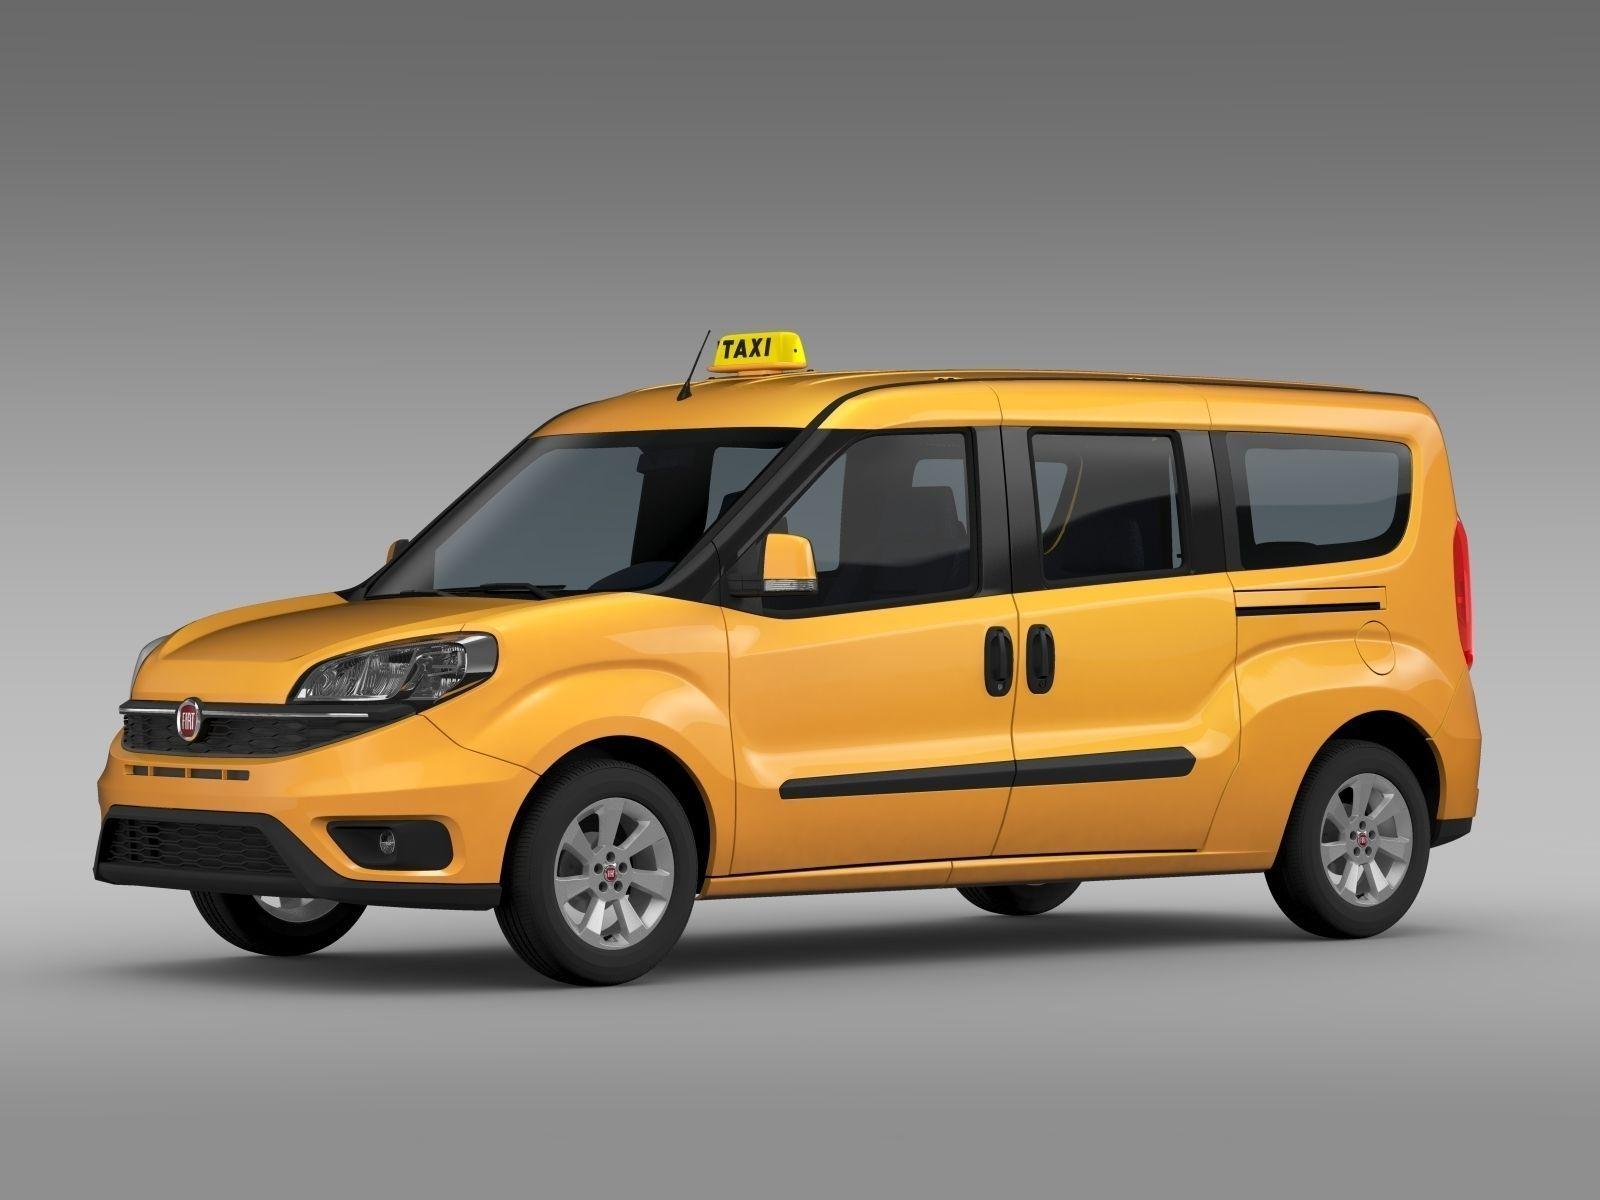 fiat doblo maxi taxi 152 2015 3d model max obj 3ds fbx c4d lwo lw lws. Black Bedroom Furniture Sets. Home Design Ideas